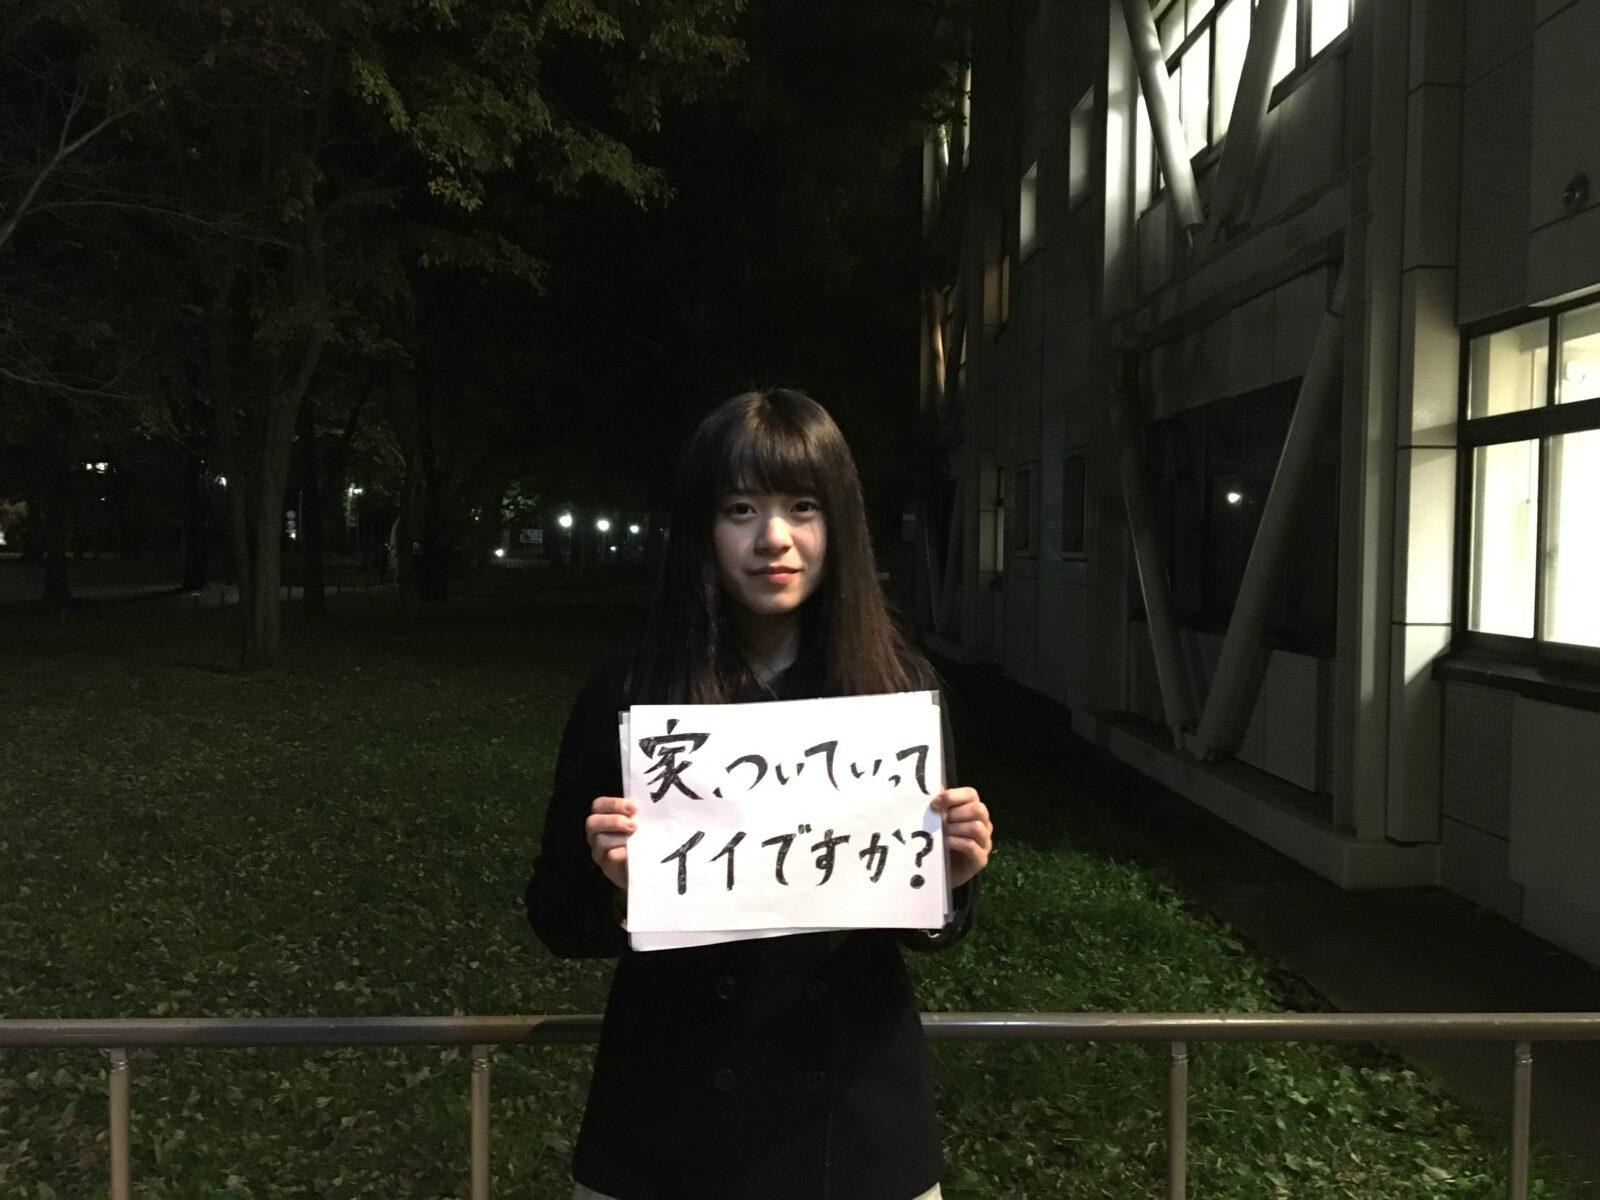 【女子寮潜入!】「家、ついて行ってイイですか?」vol.2